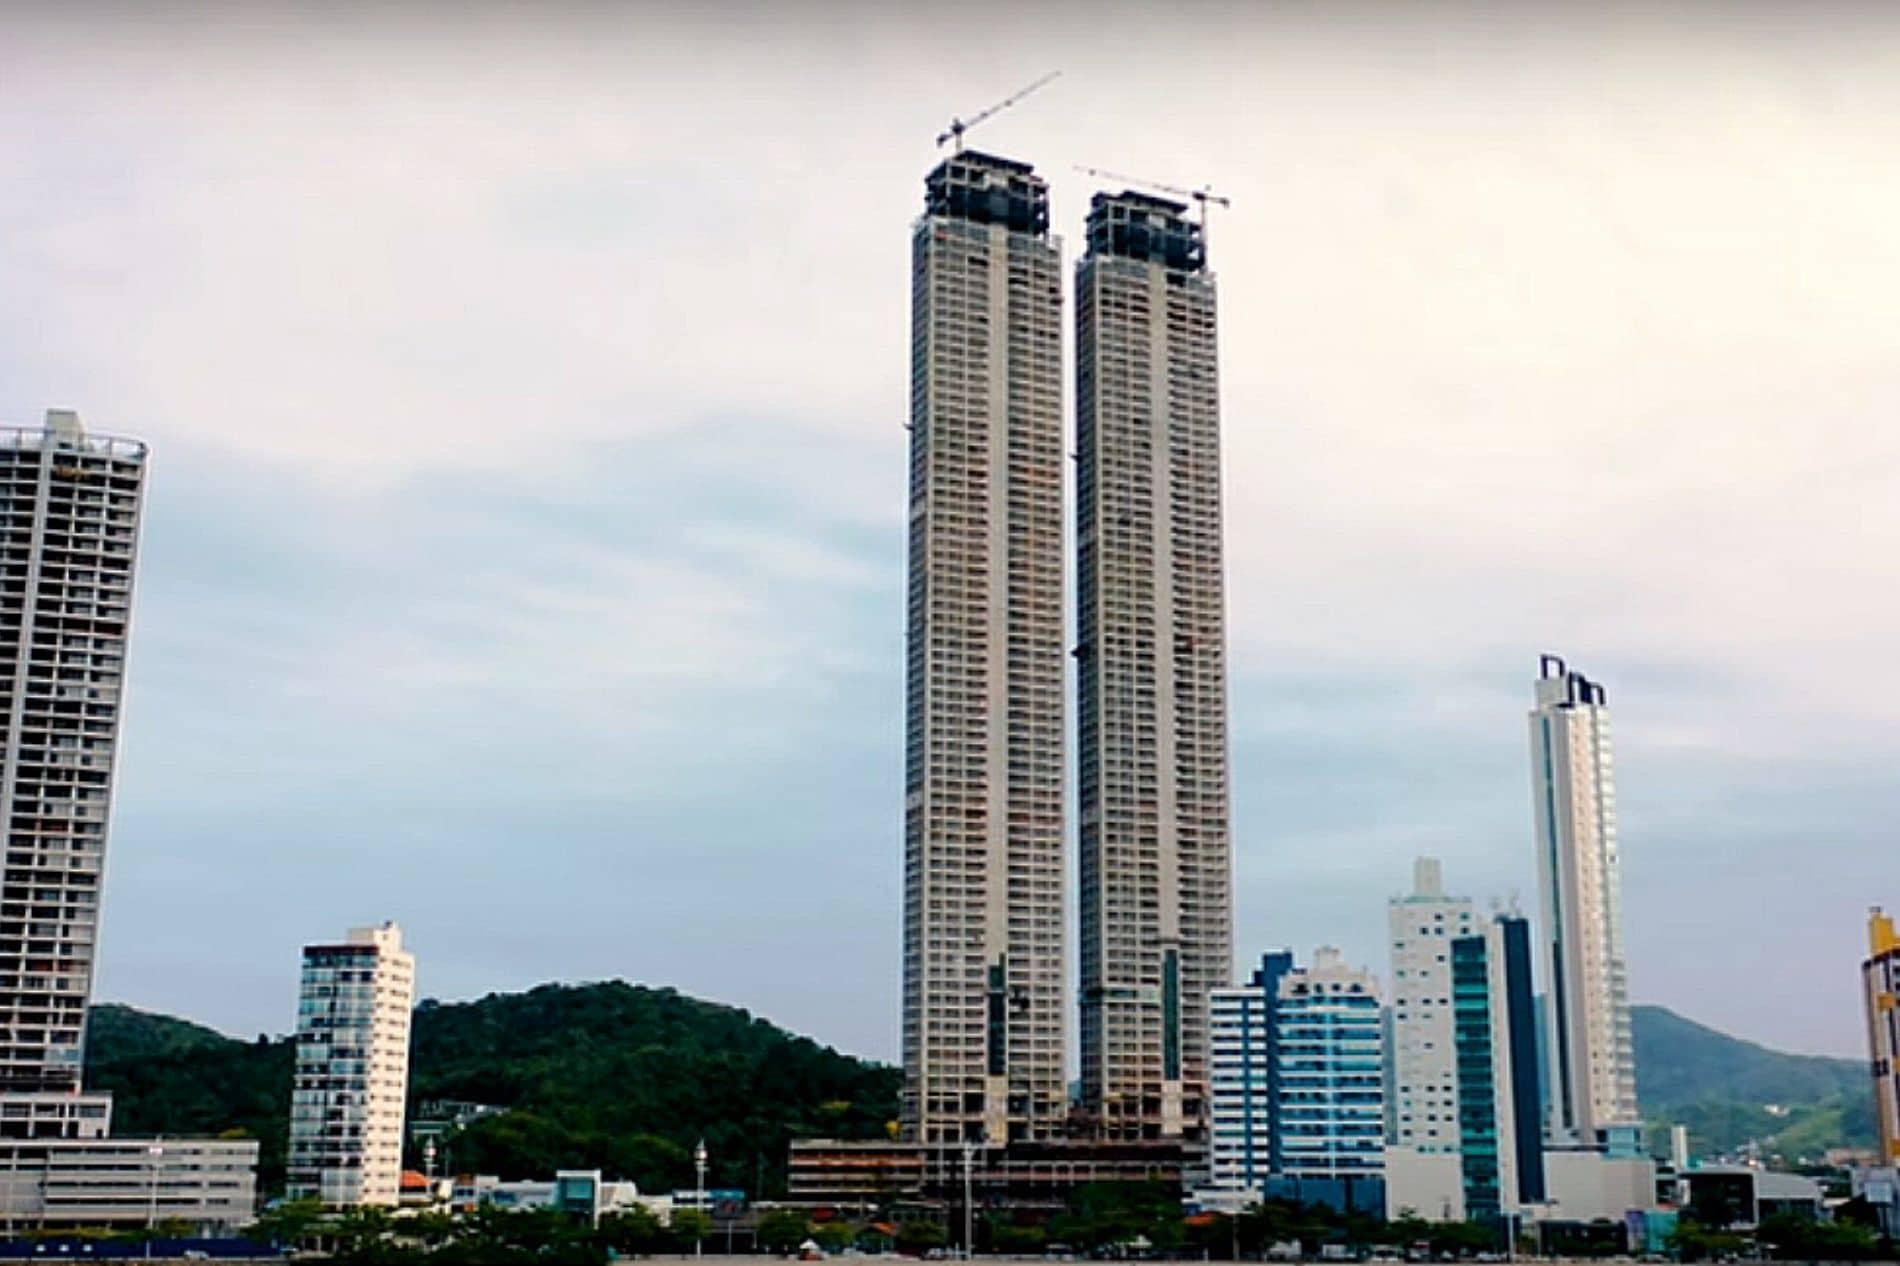 Lajes outrigger, localizadas nos pavimentos 30 e 53 de cada um dos prédios do Yachthouse, receberam concretos especiais fluidos e autoadensáveis. Crédito: Youtube/IBC Balneário Camboriú